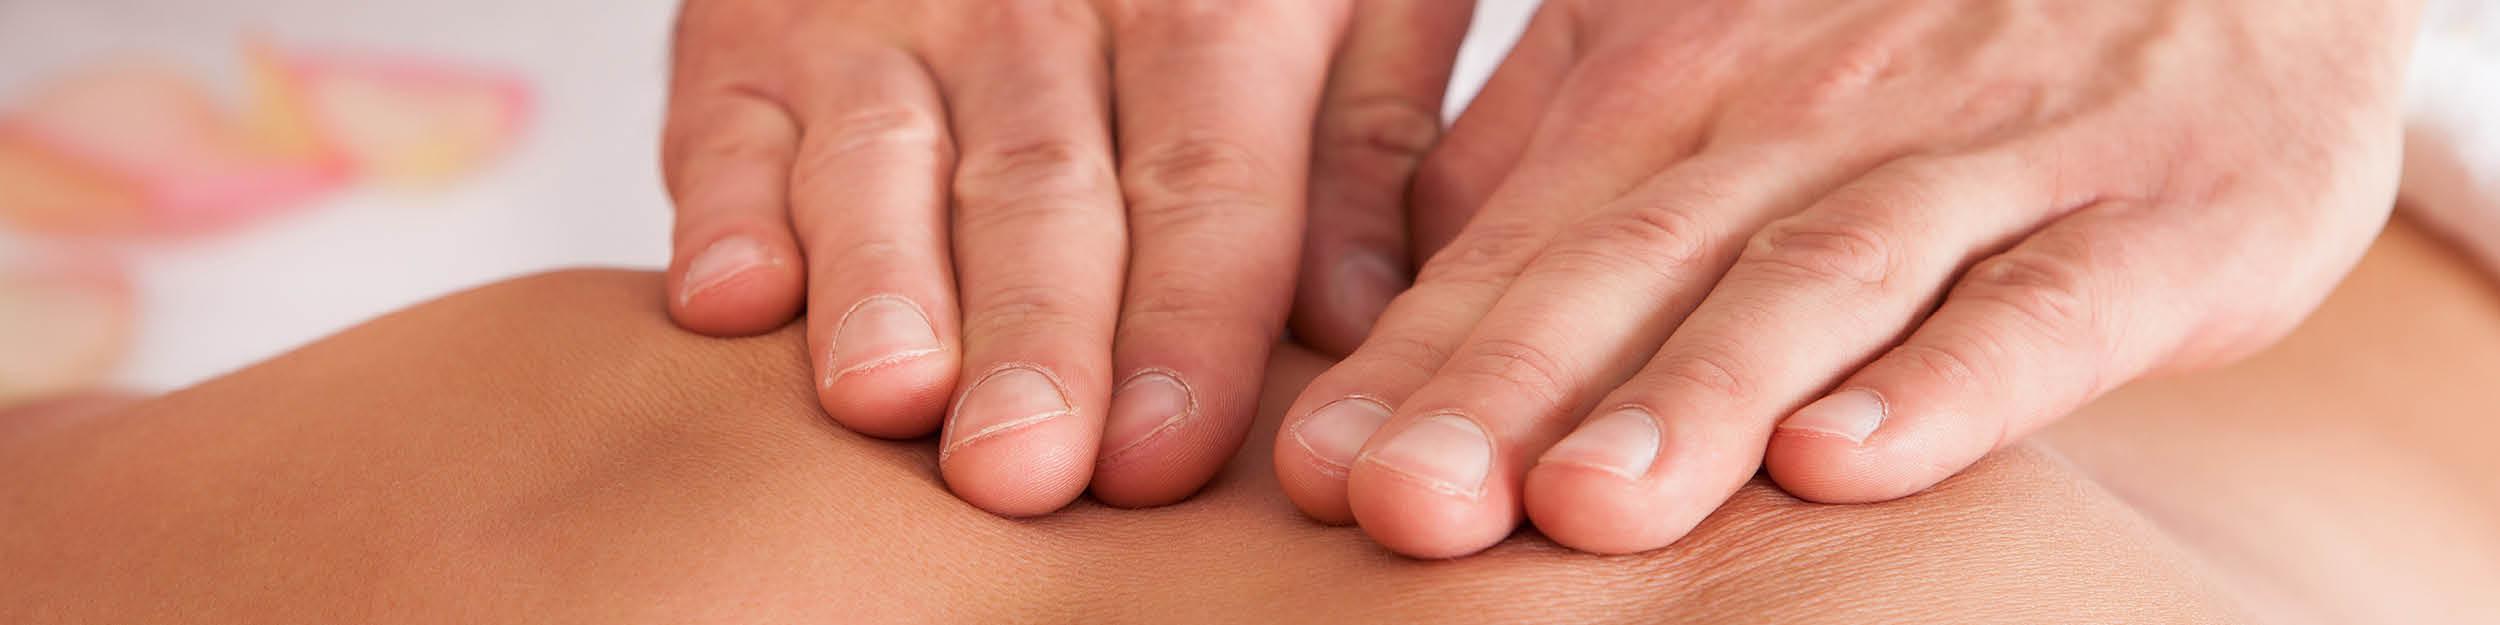 massage praktijk wilp